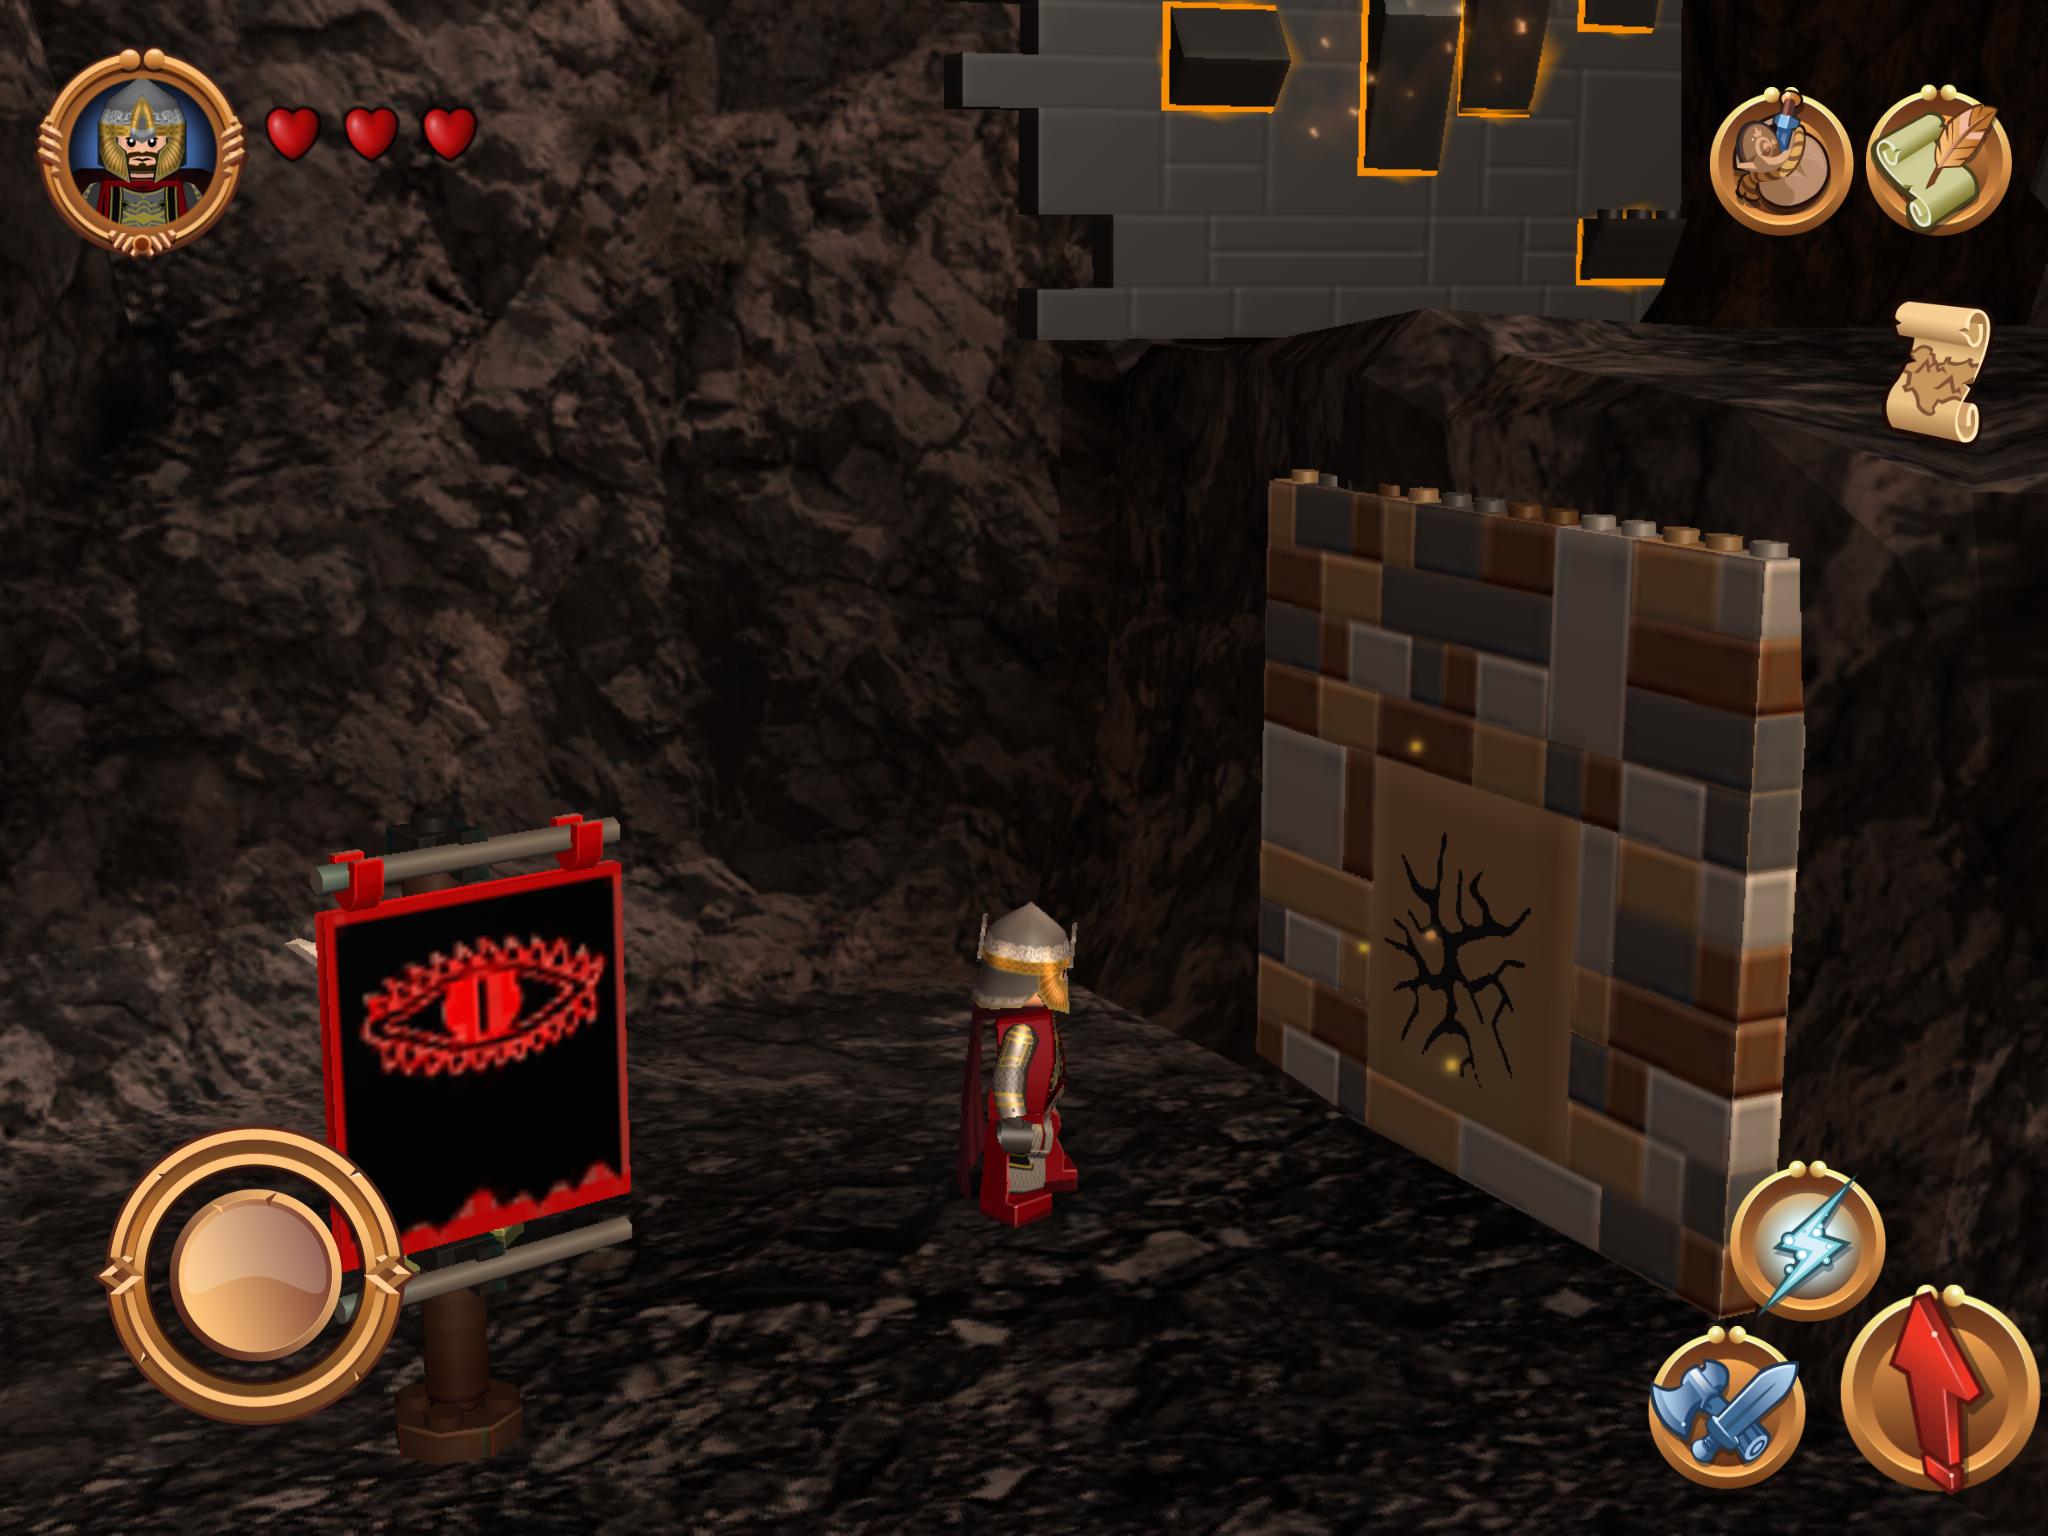 Лего хоббит на пк скачать